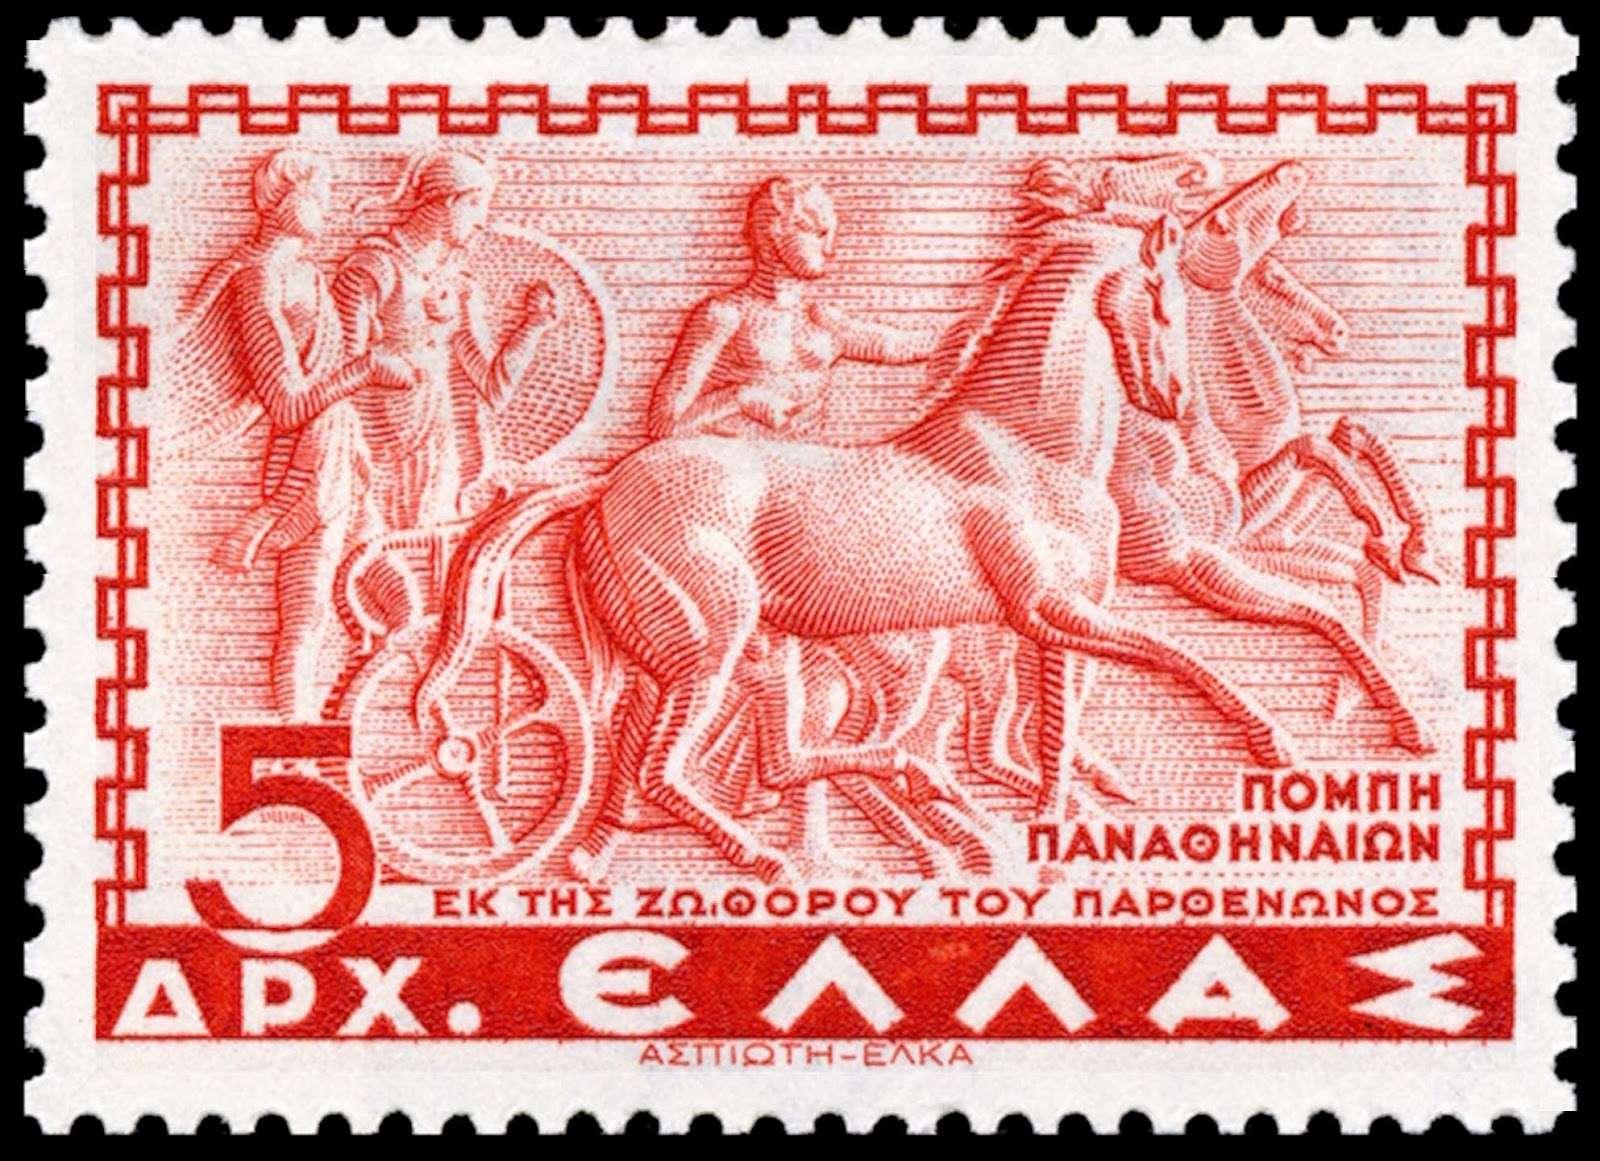 Πομπή των Παναθηναίων. Ελληνικό γραμματόσημο του 1937· έκδοση Ιστορική.